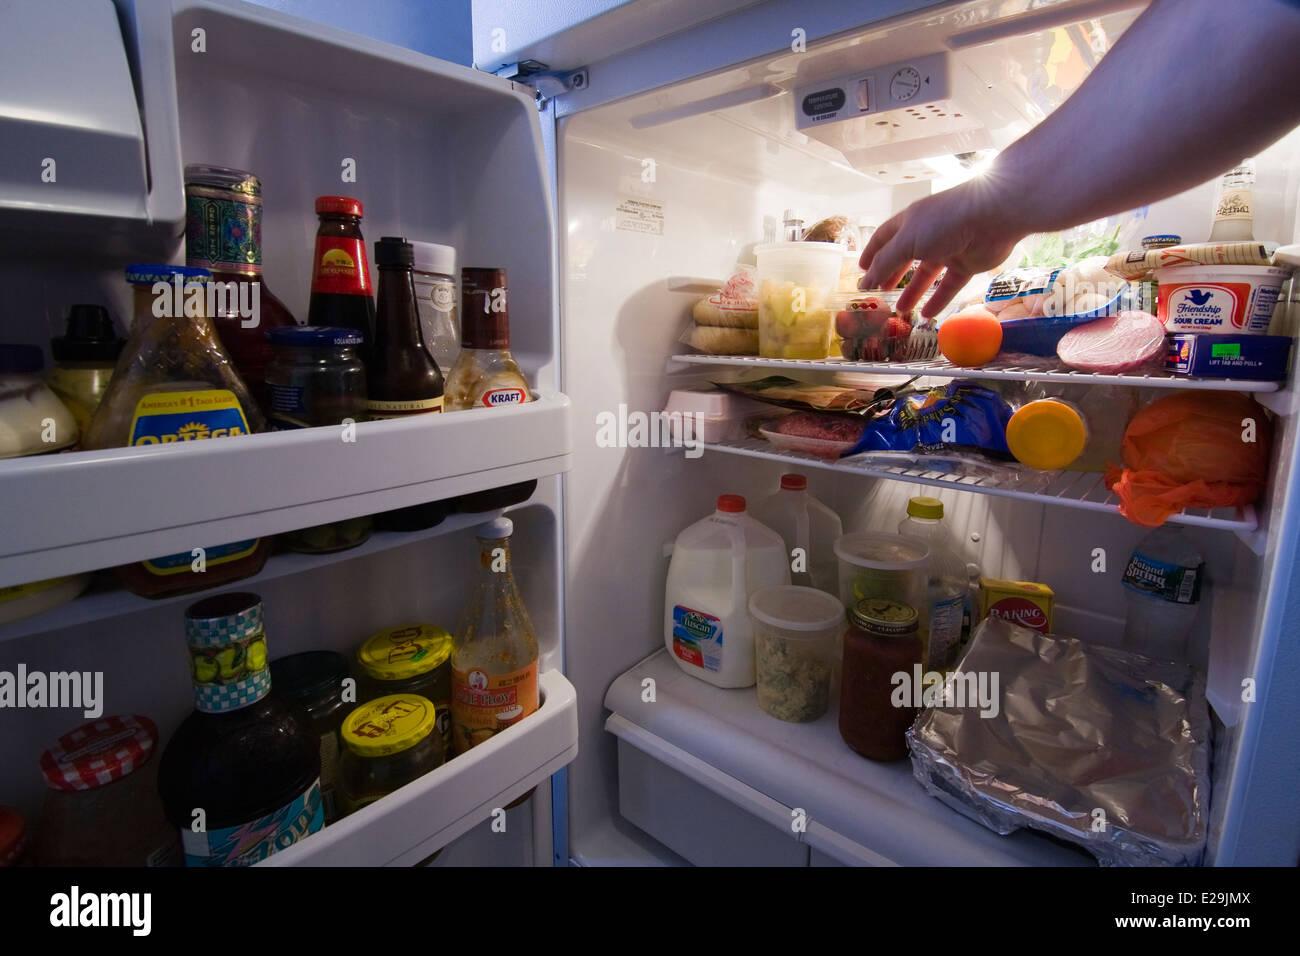 Kühlschrank Licht : Tür zu einem kühlschrank offen mit licht zeigt inhalt wie eines